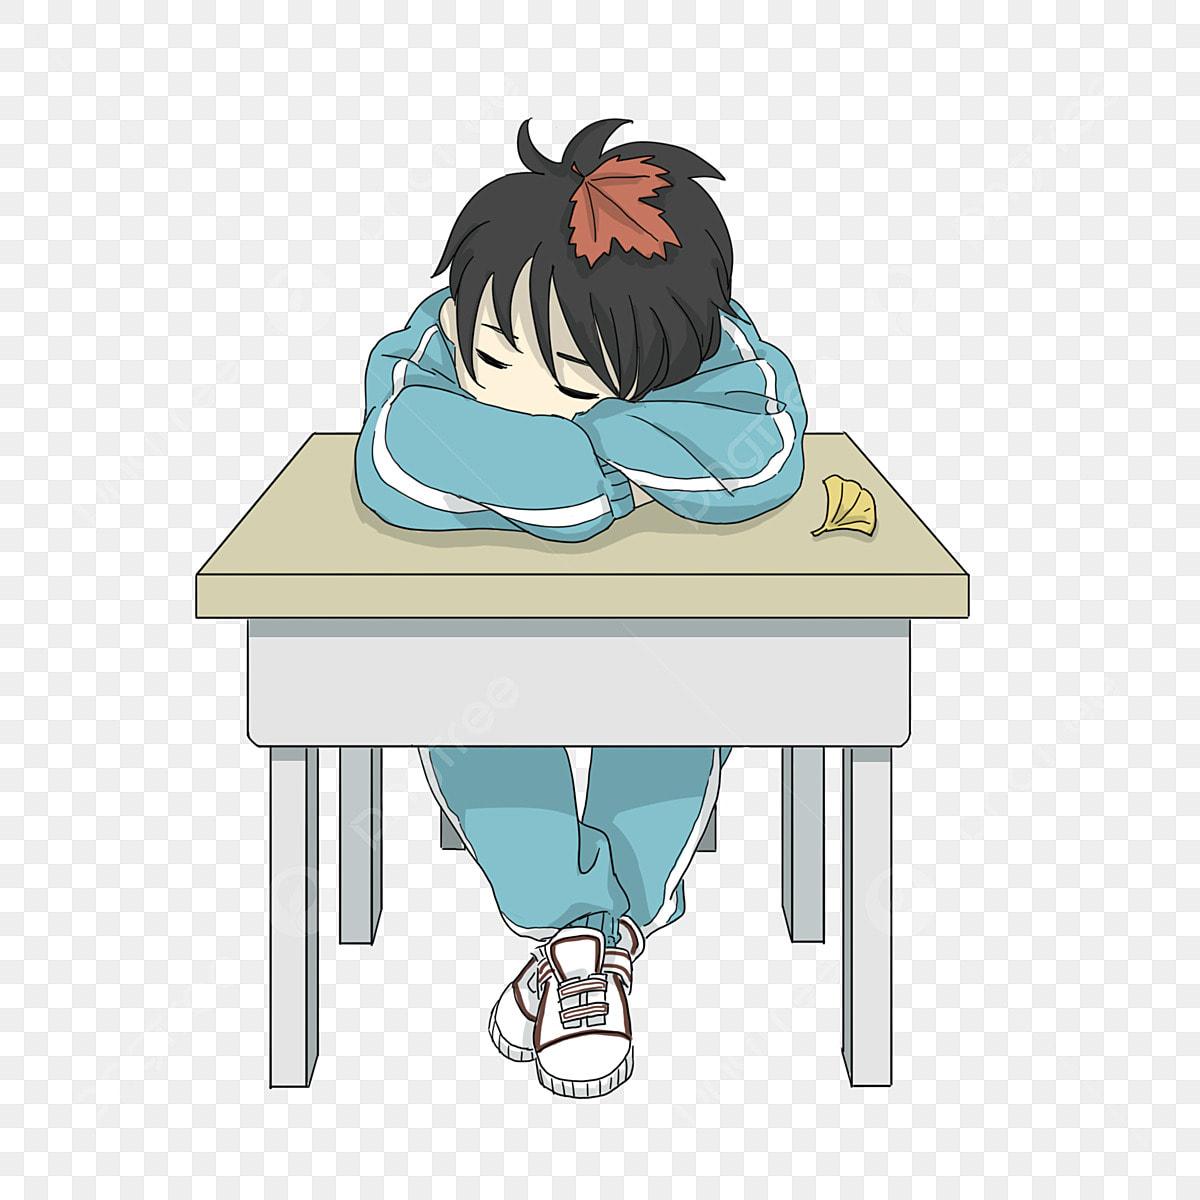 Boy Tidur Di Atas Meja Anak Lelaki Versi Kartun Q Anak